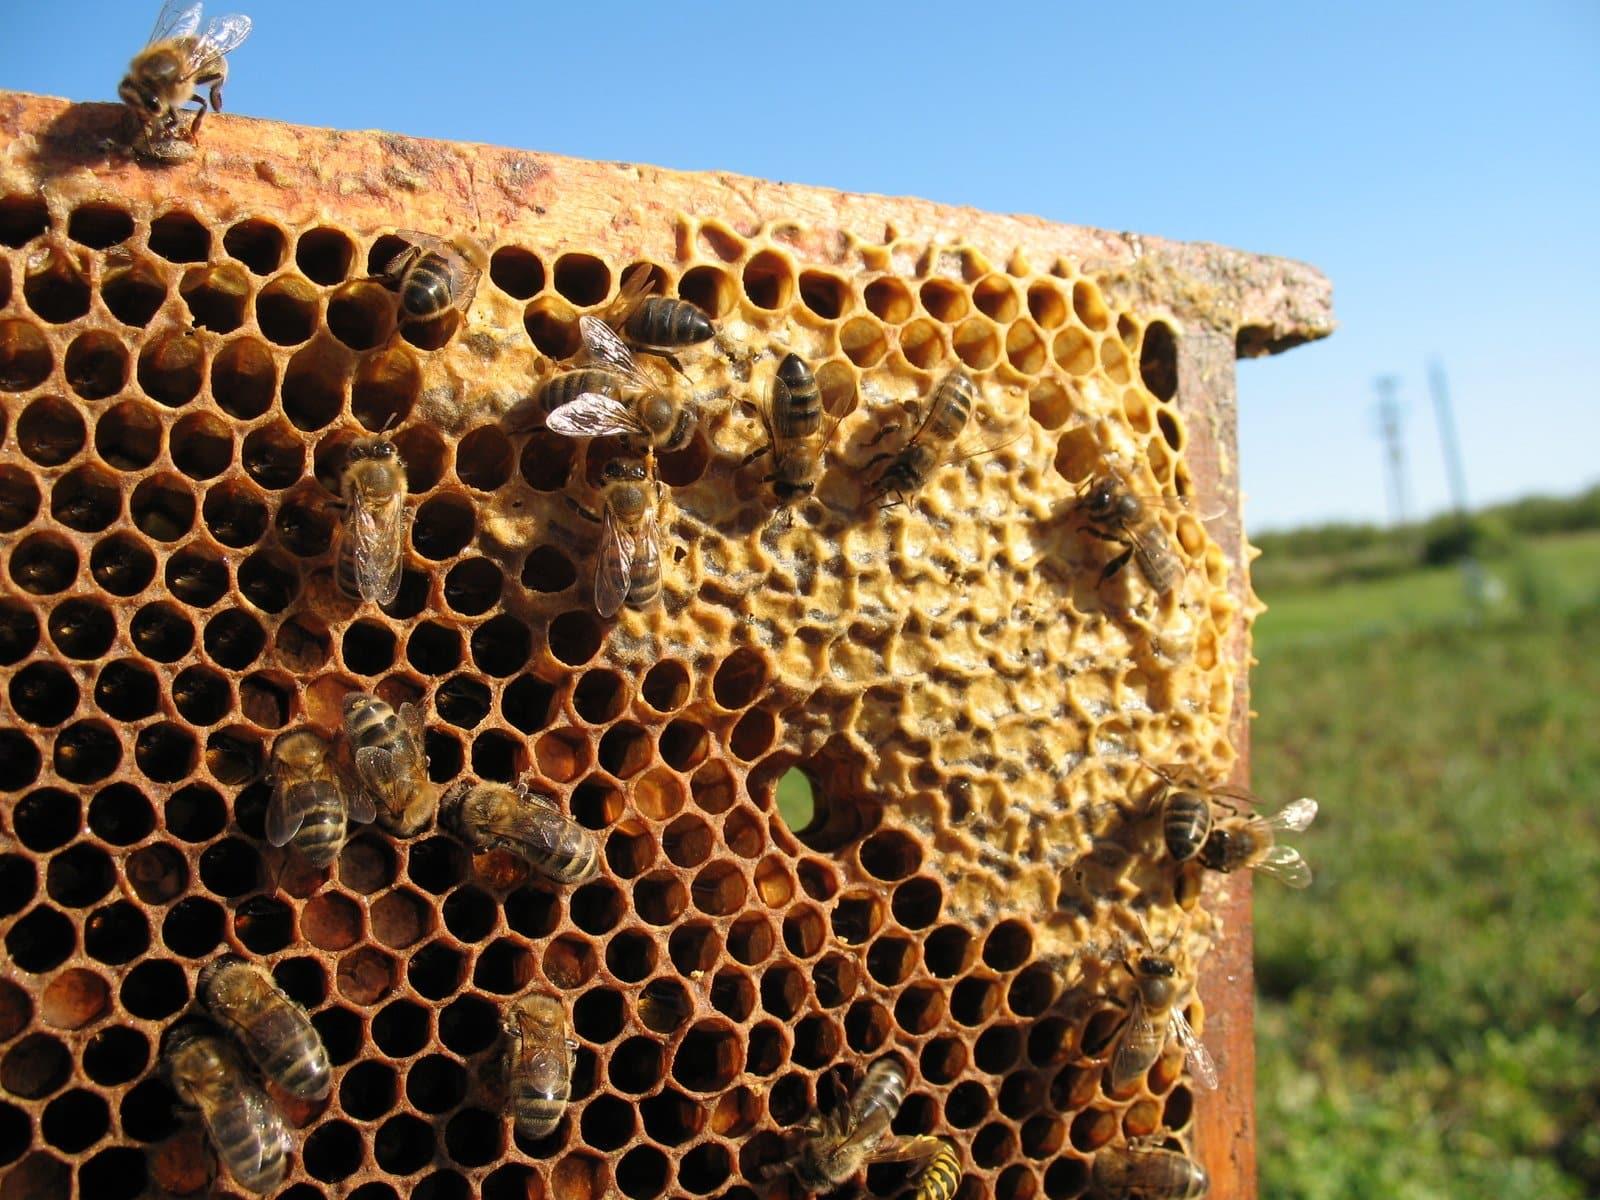 Ioway Bee Hives